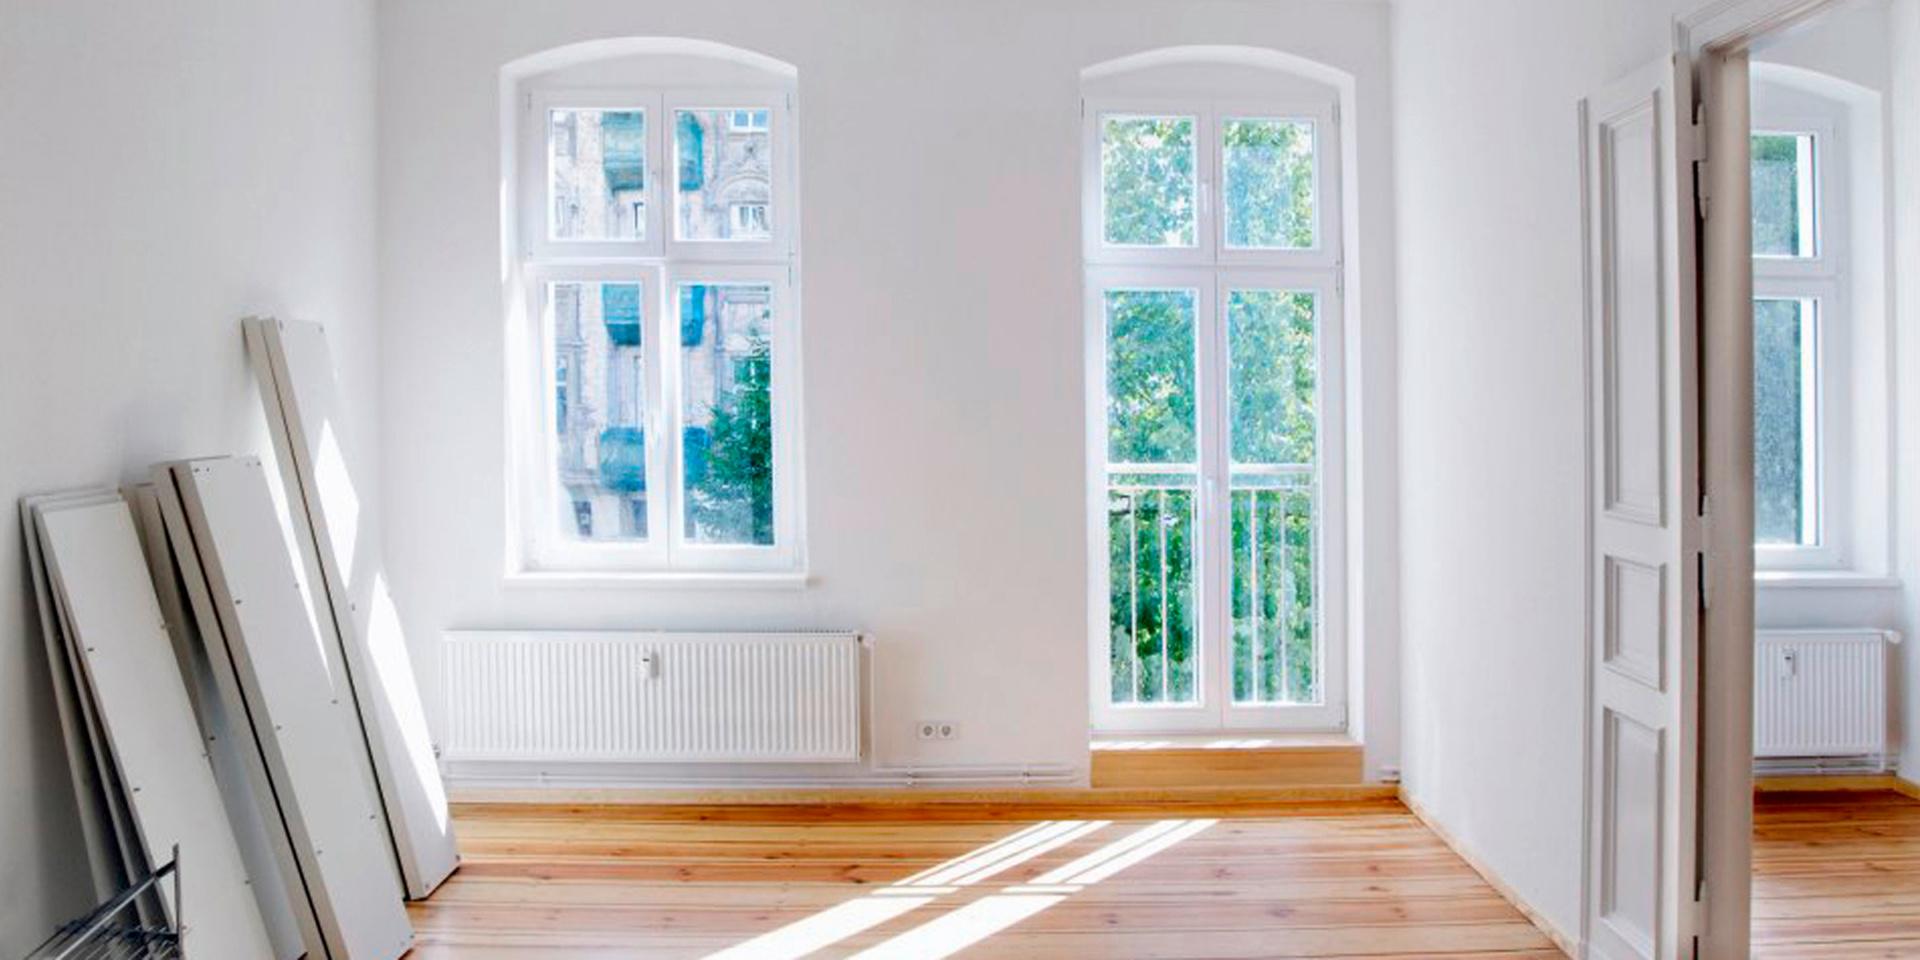 Titelbild 5 Tipps für eine Fenstermontage mit Weitblick